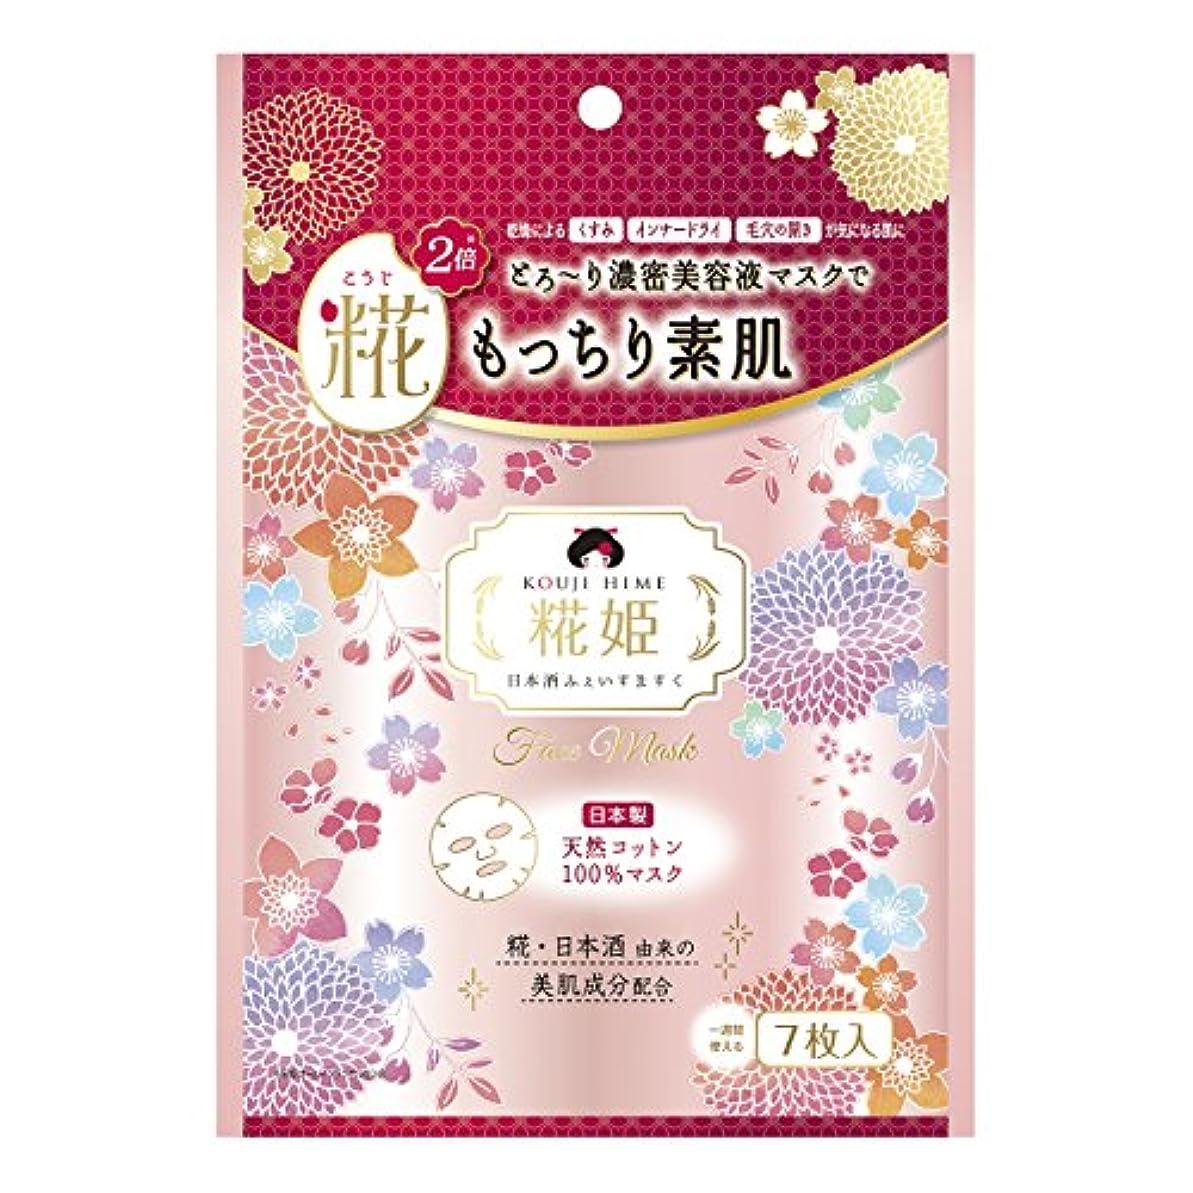 広い平和的入浴糀姫 ふぇいすますく 7枚入 (エッセンス 110mL)